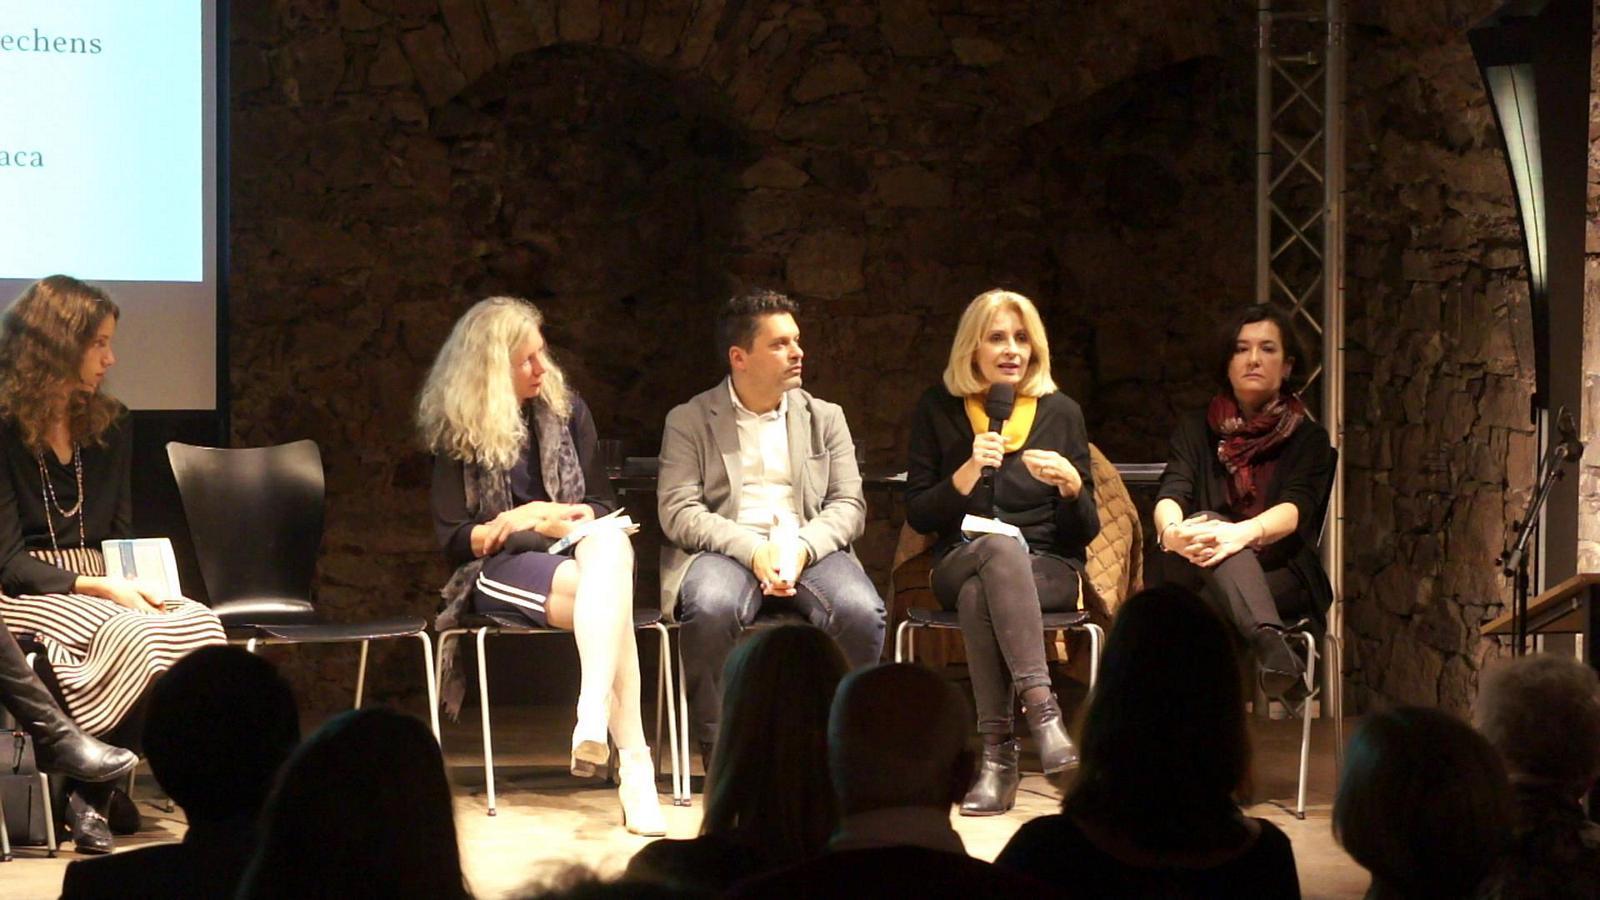 Anna Pavignano spricht über das Leitmotiv der Anthologie: die Suche nach Identität